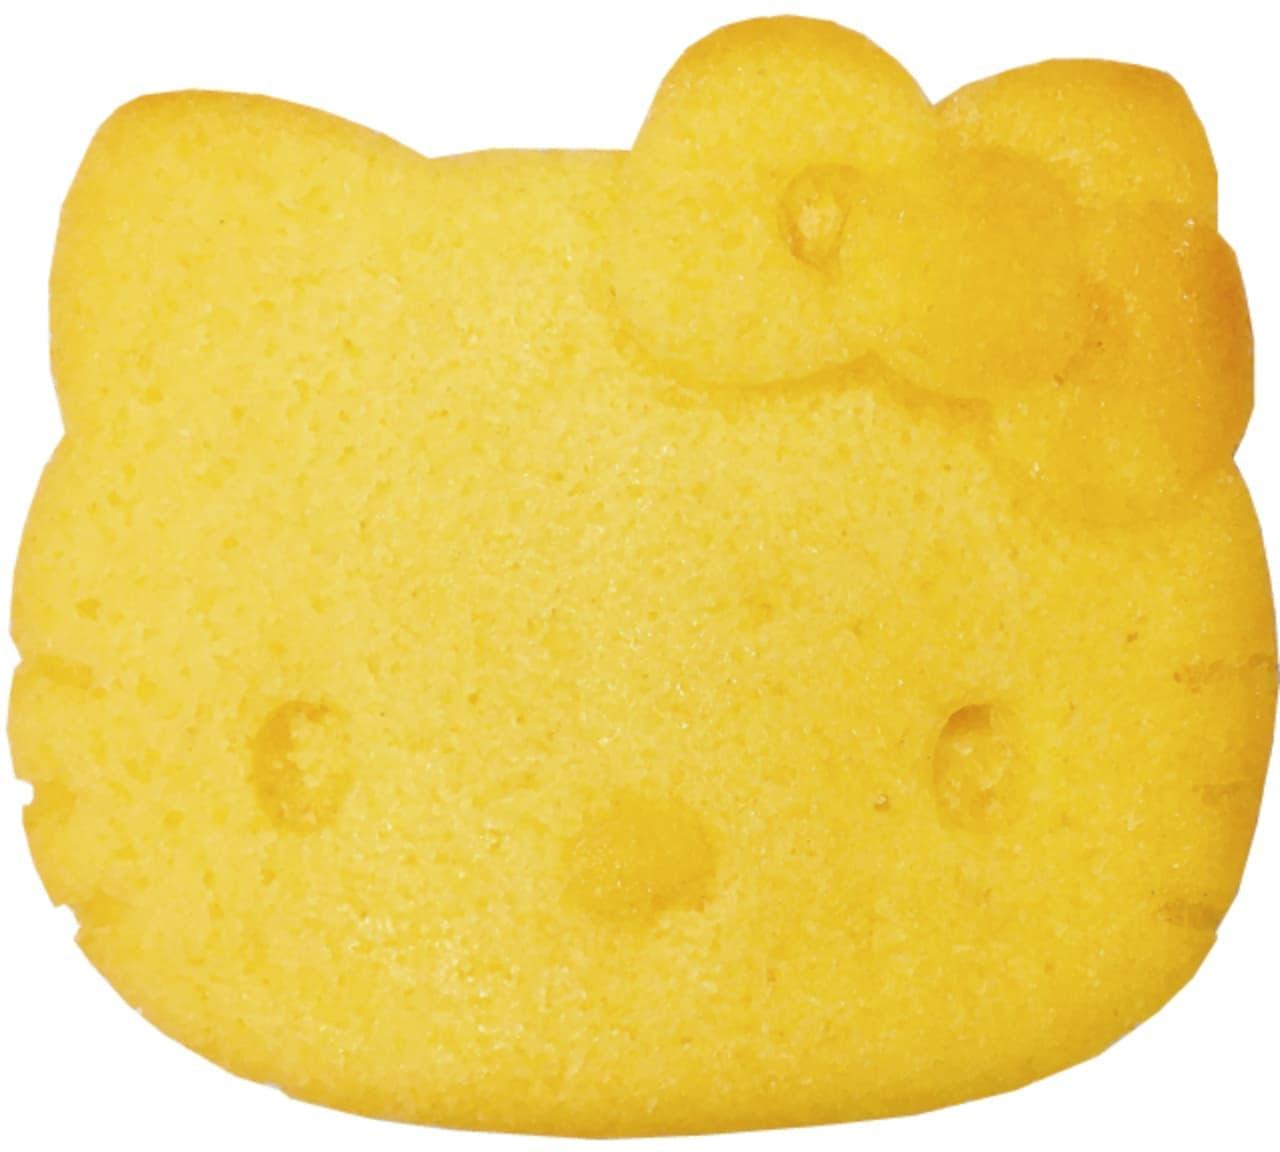 第一パン「ハローキティのパウンドケーキ」